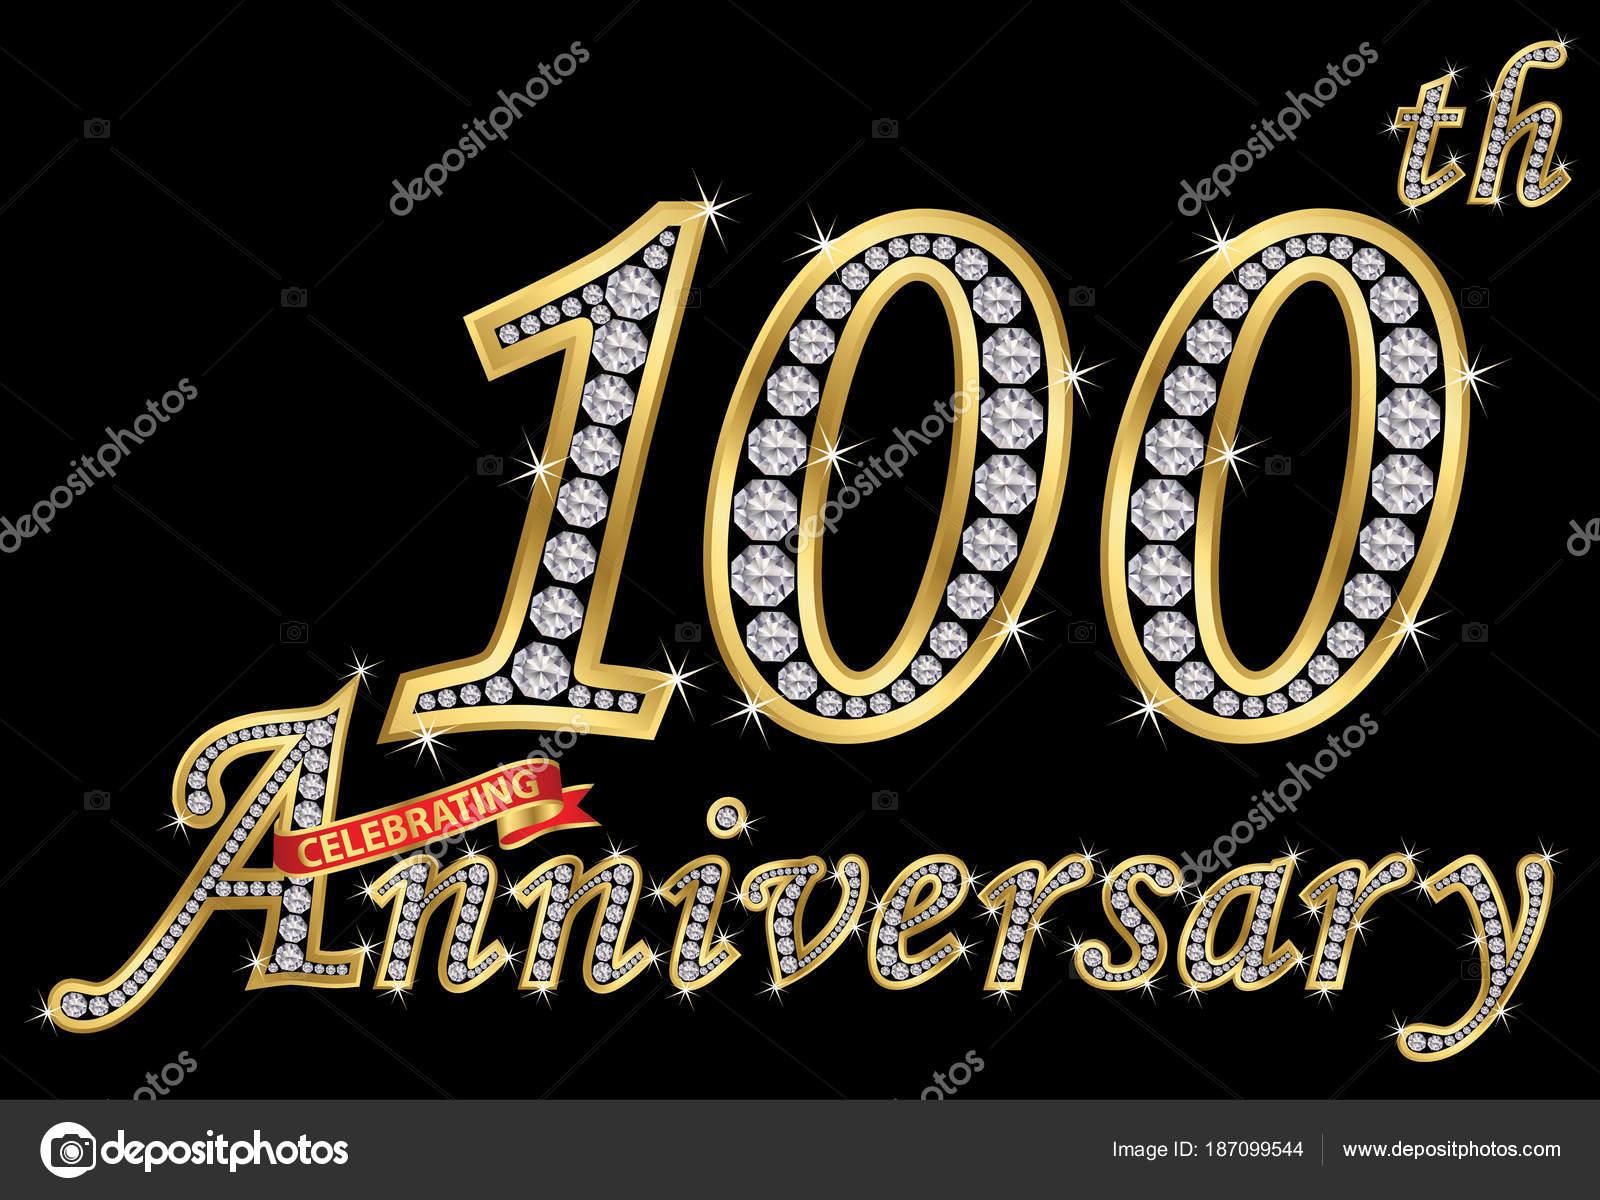 Viering Van 100ste Verjaardag Gouden Bordje Met Diamanten Vector